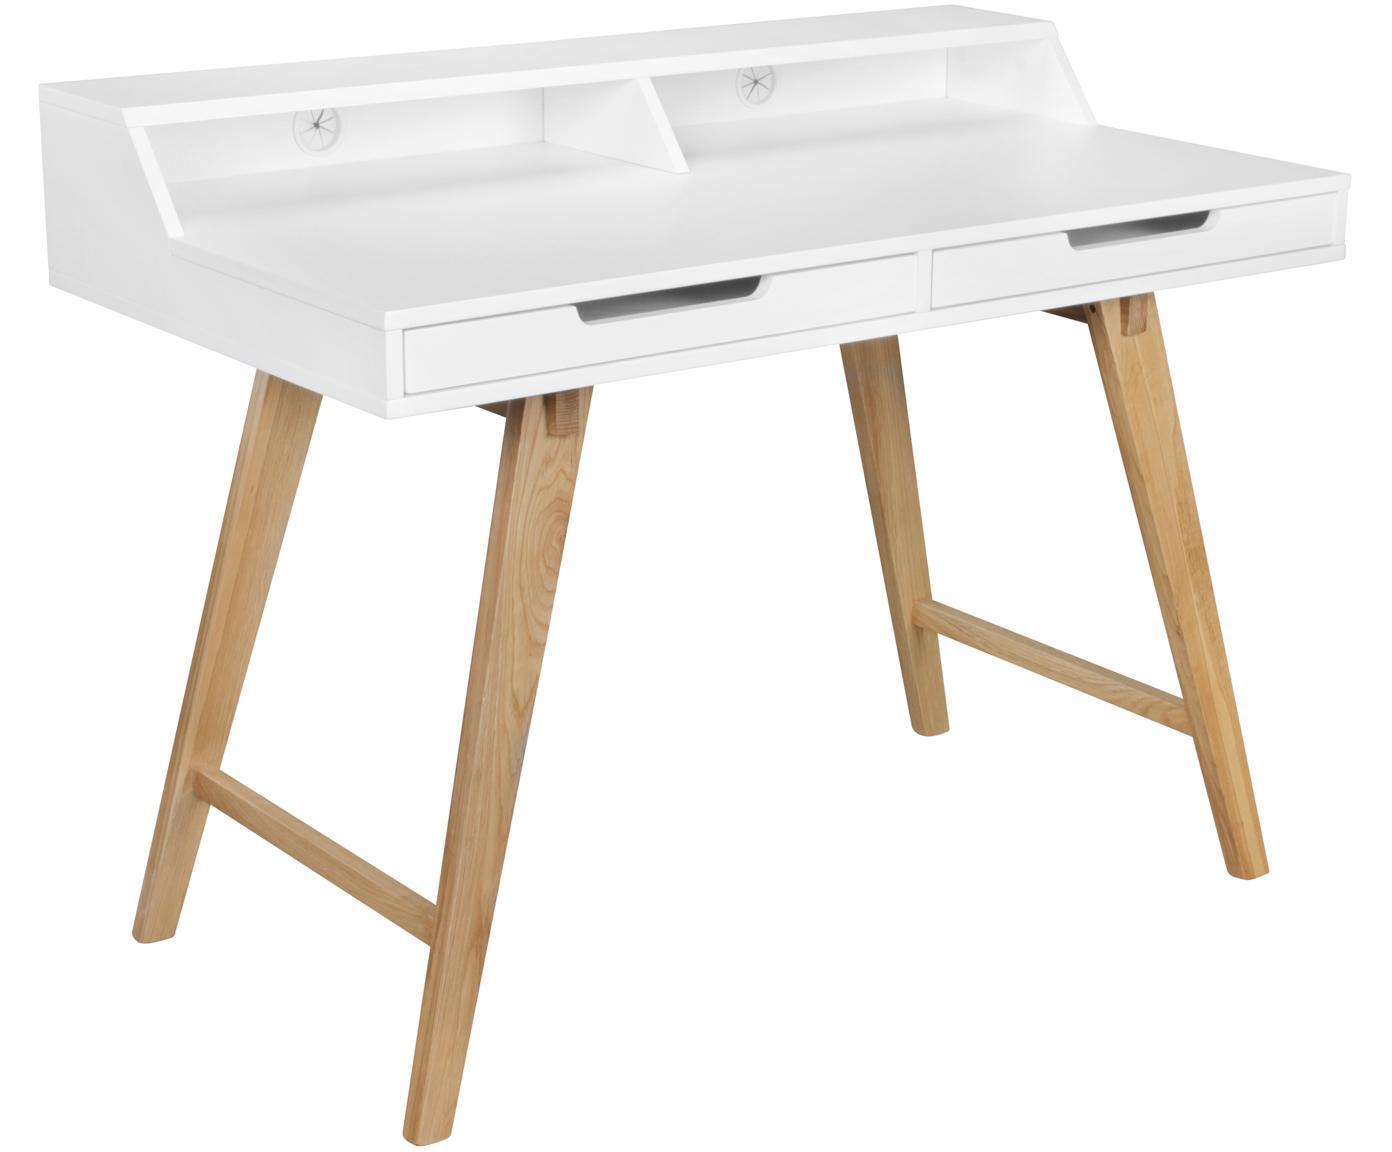 Biurko z drewnianymi nogami Skandi, Korpus: płyta pilśniowa średniej , Nogi: drewno dębowe, lite, Biały, drewno dębowe, S 110 x W 85 cm